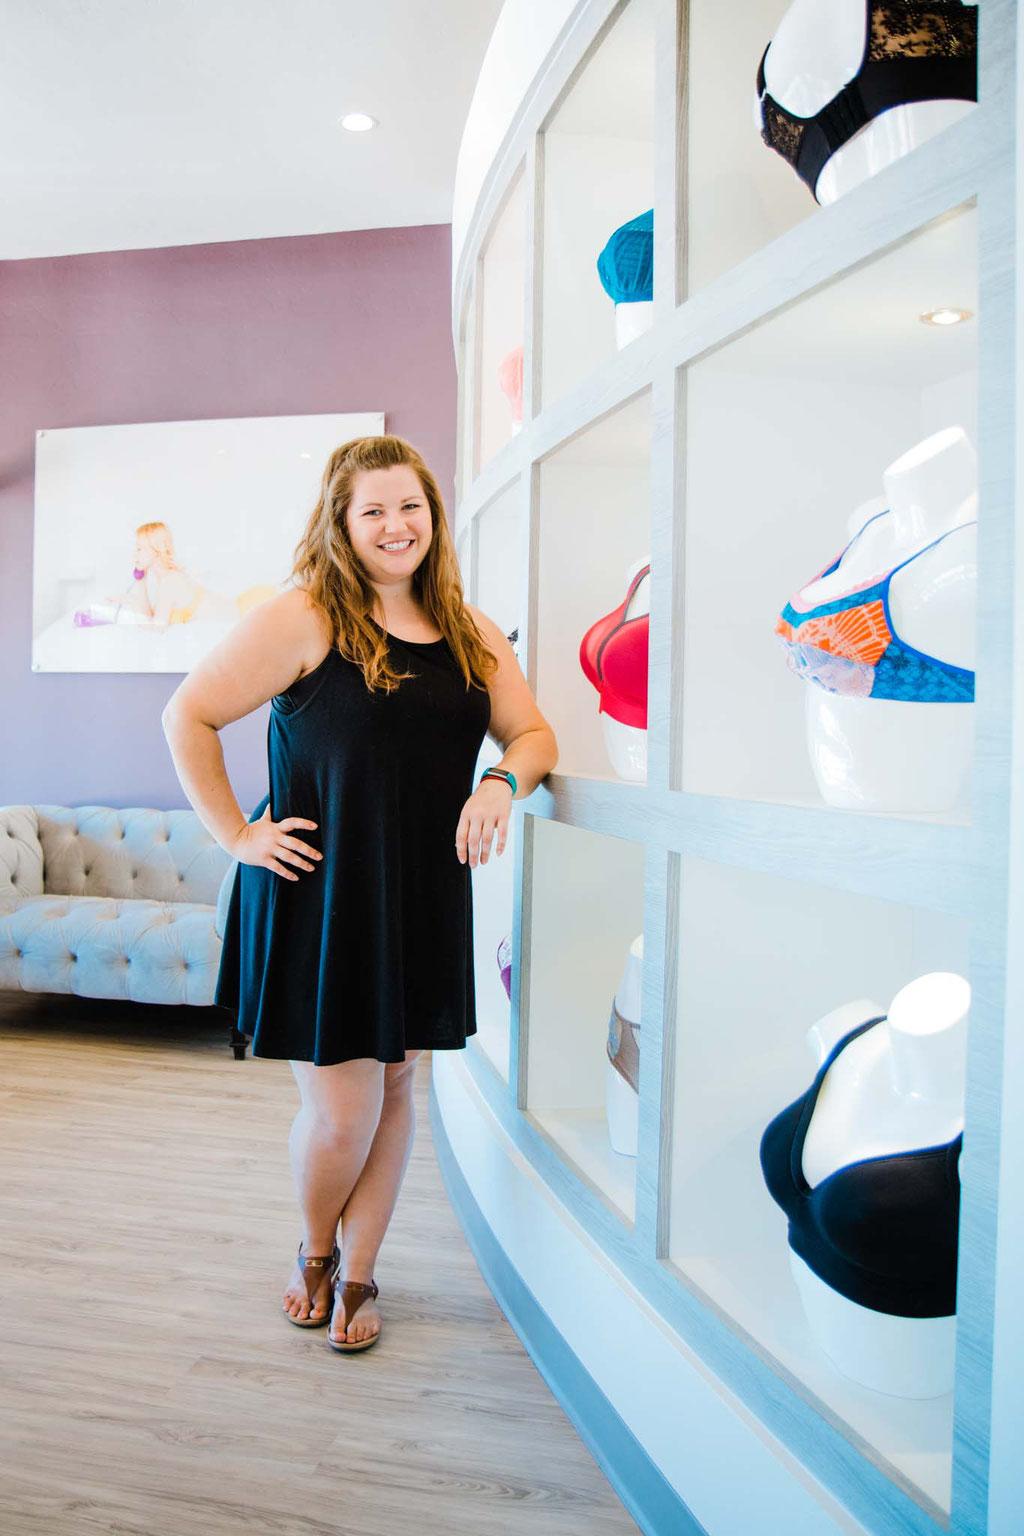 Kateland, Store Manager